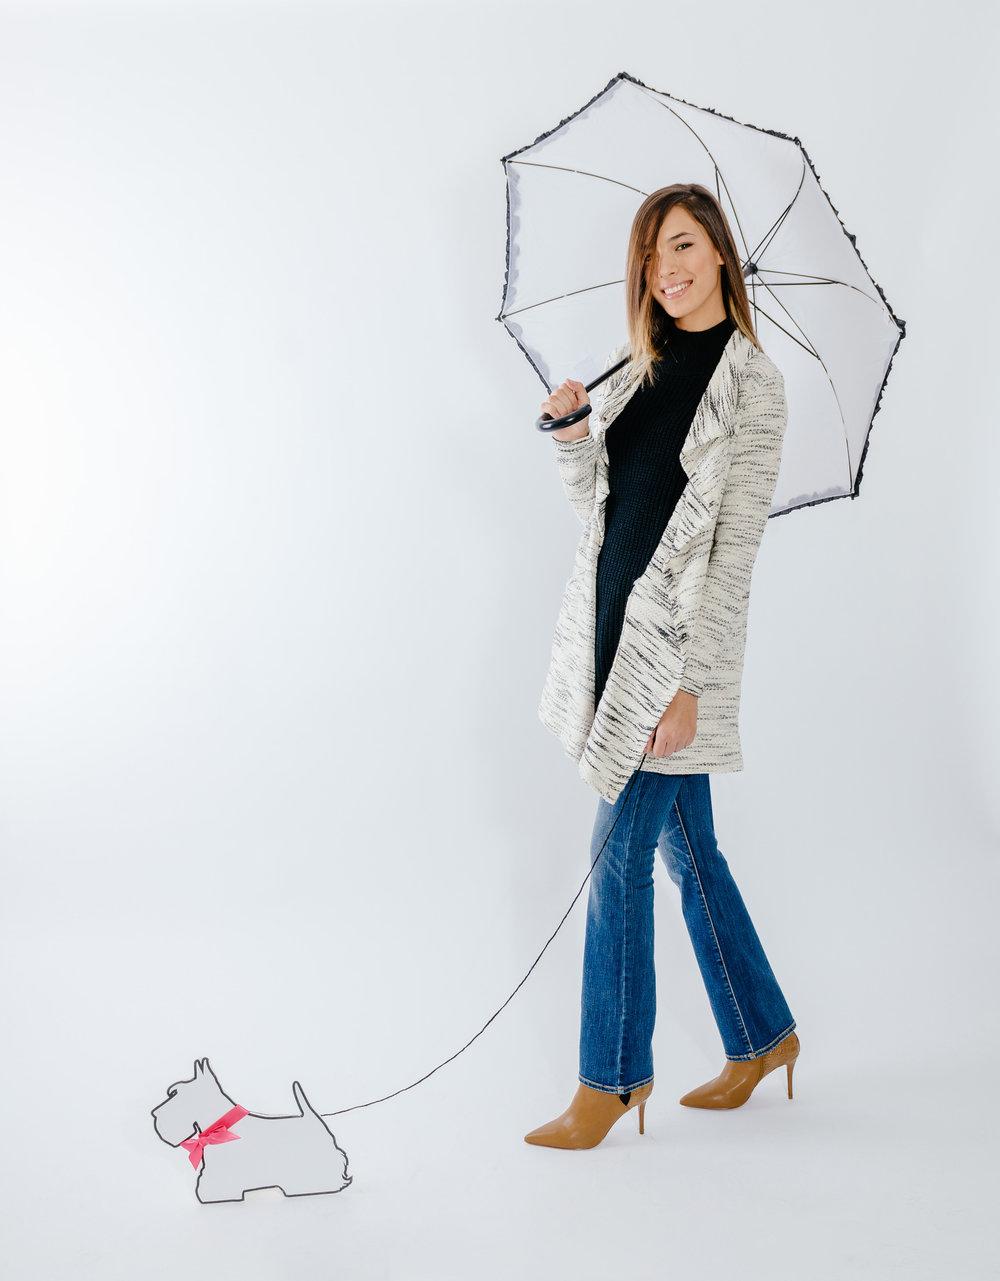 מטריה- LALINE  סריג גולף- FOX  עליונית- BILLABONG  ג'ינס- AMERICAN EAGLE OUTFITERS  מגפים-  CHARLES & KEITH   (צילום מרק סגל ל Imahotmag.com)